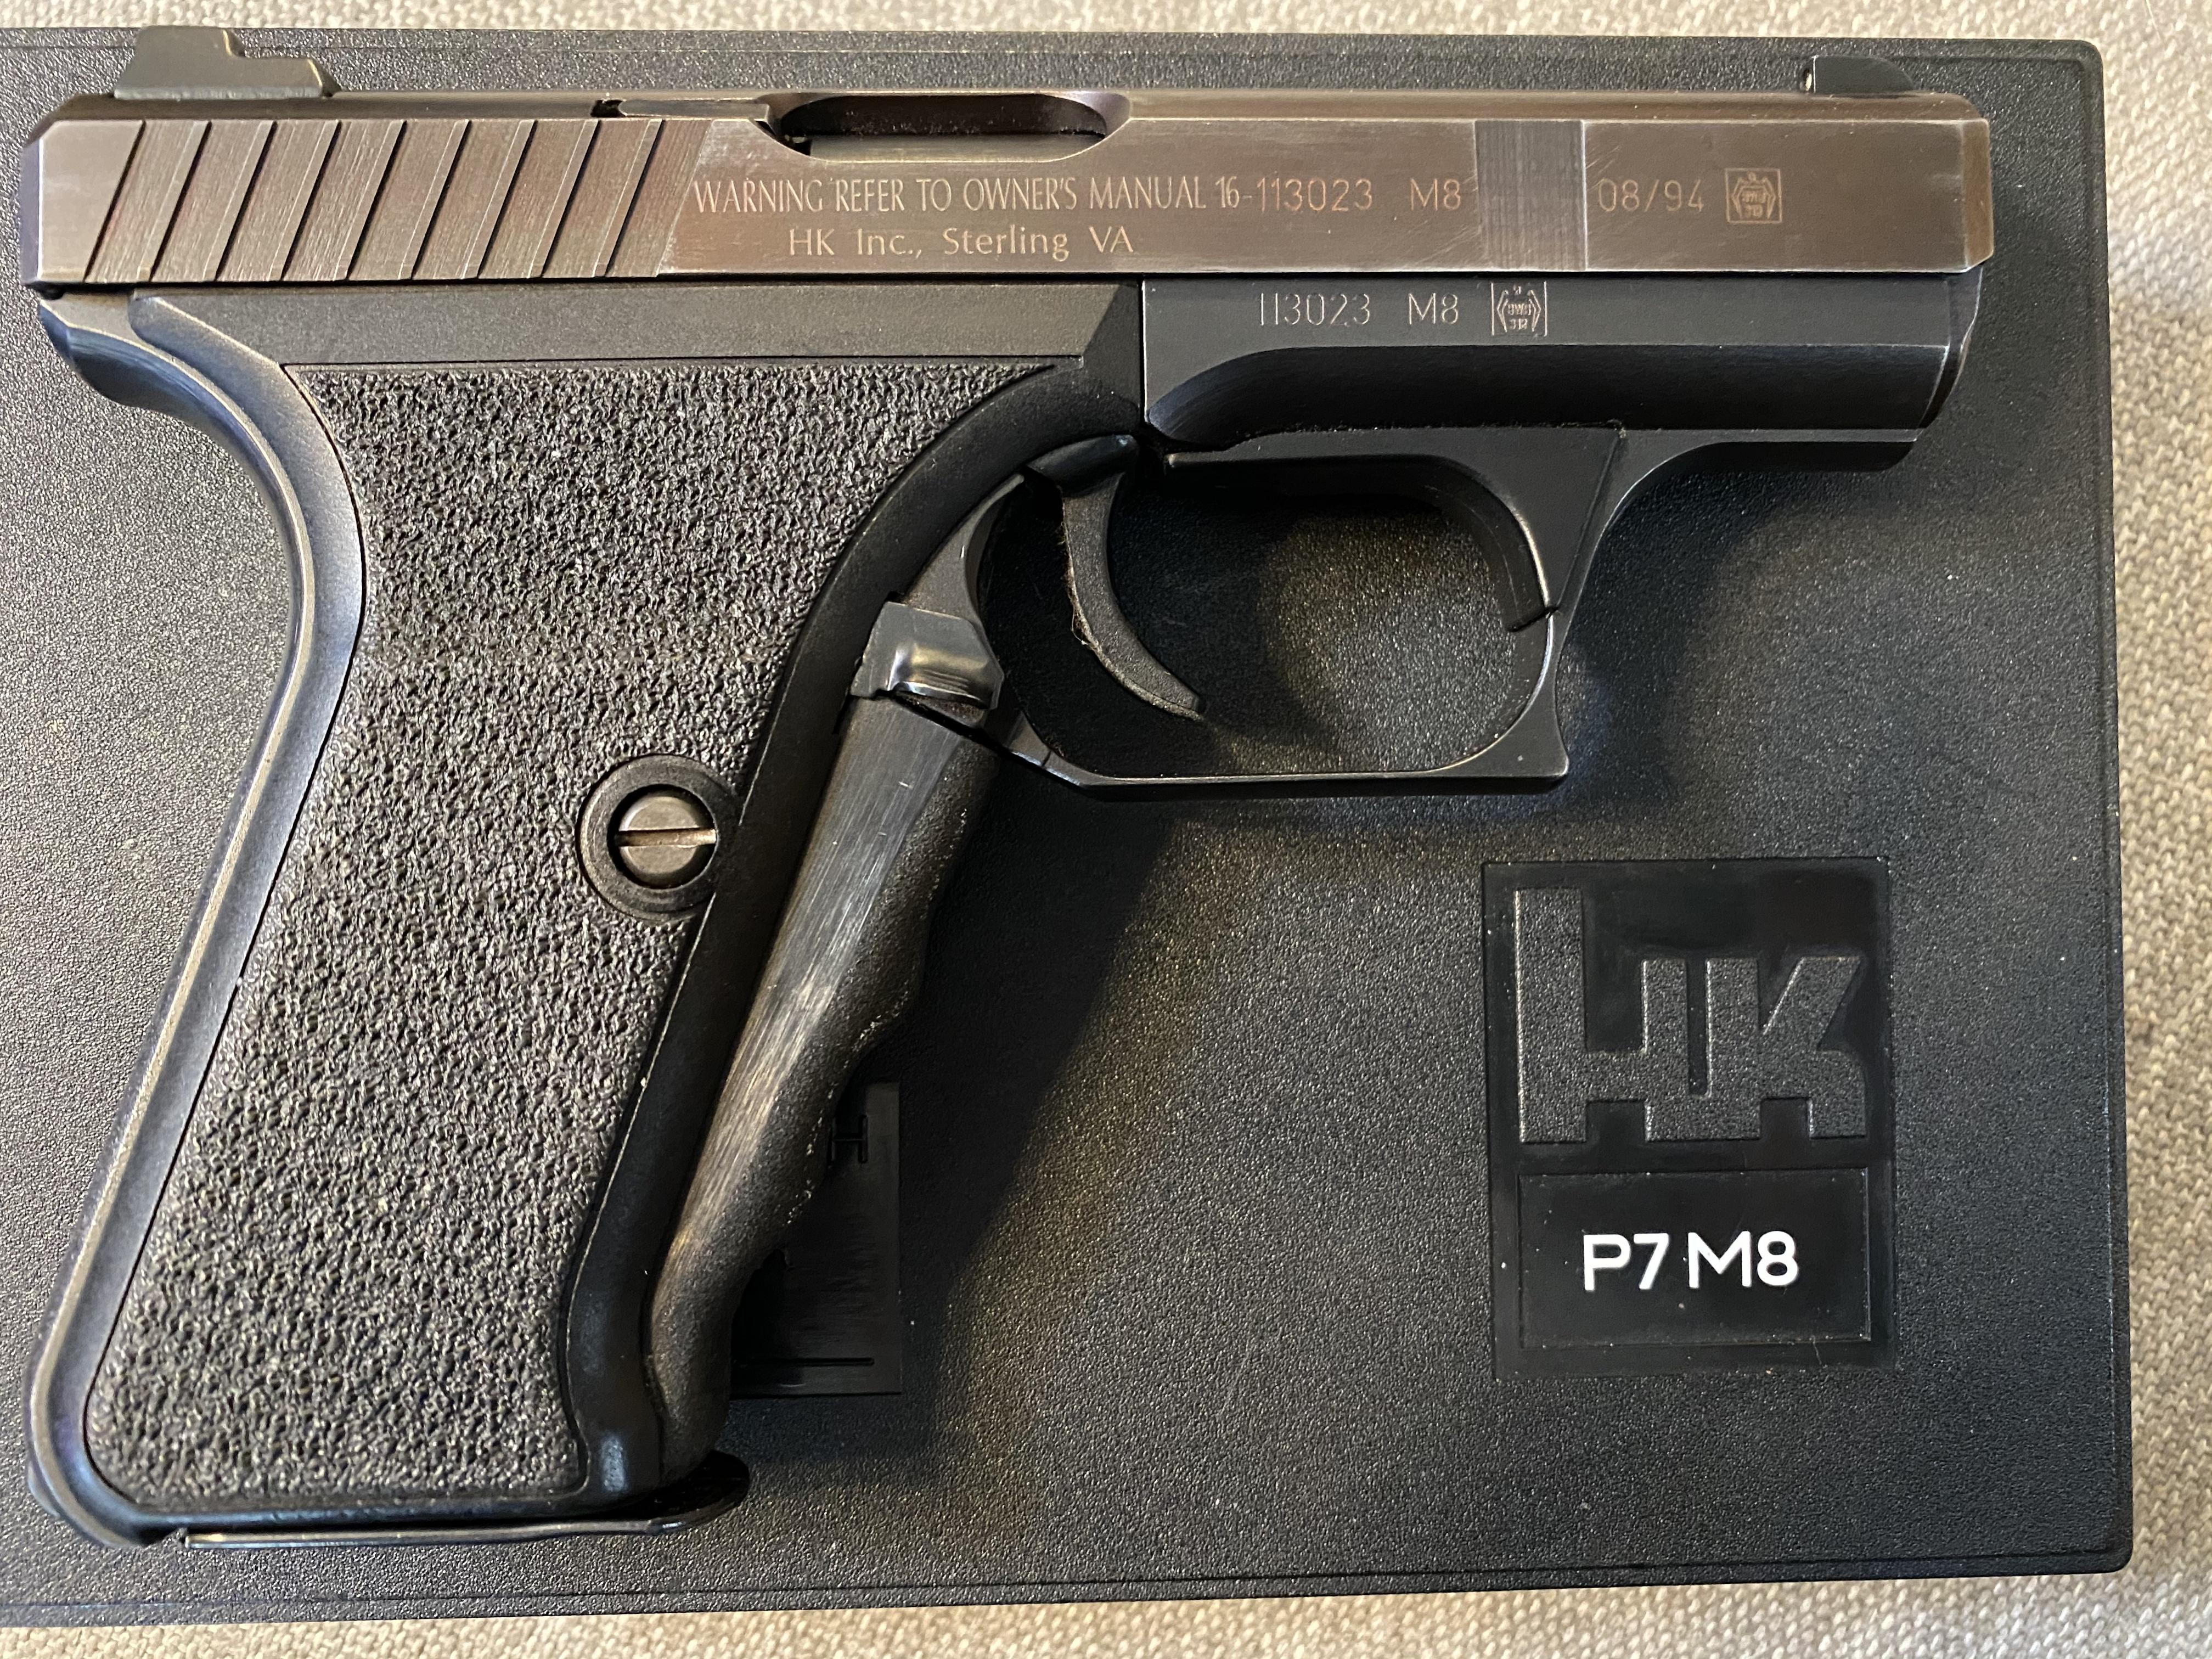 HK P7M8 Gun show find-img_5940.jpg